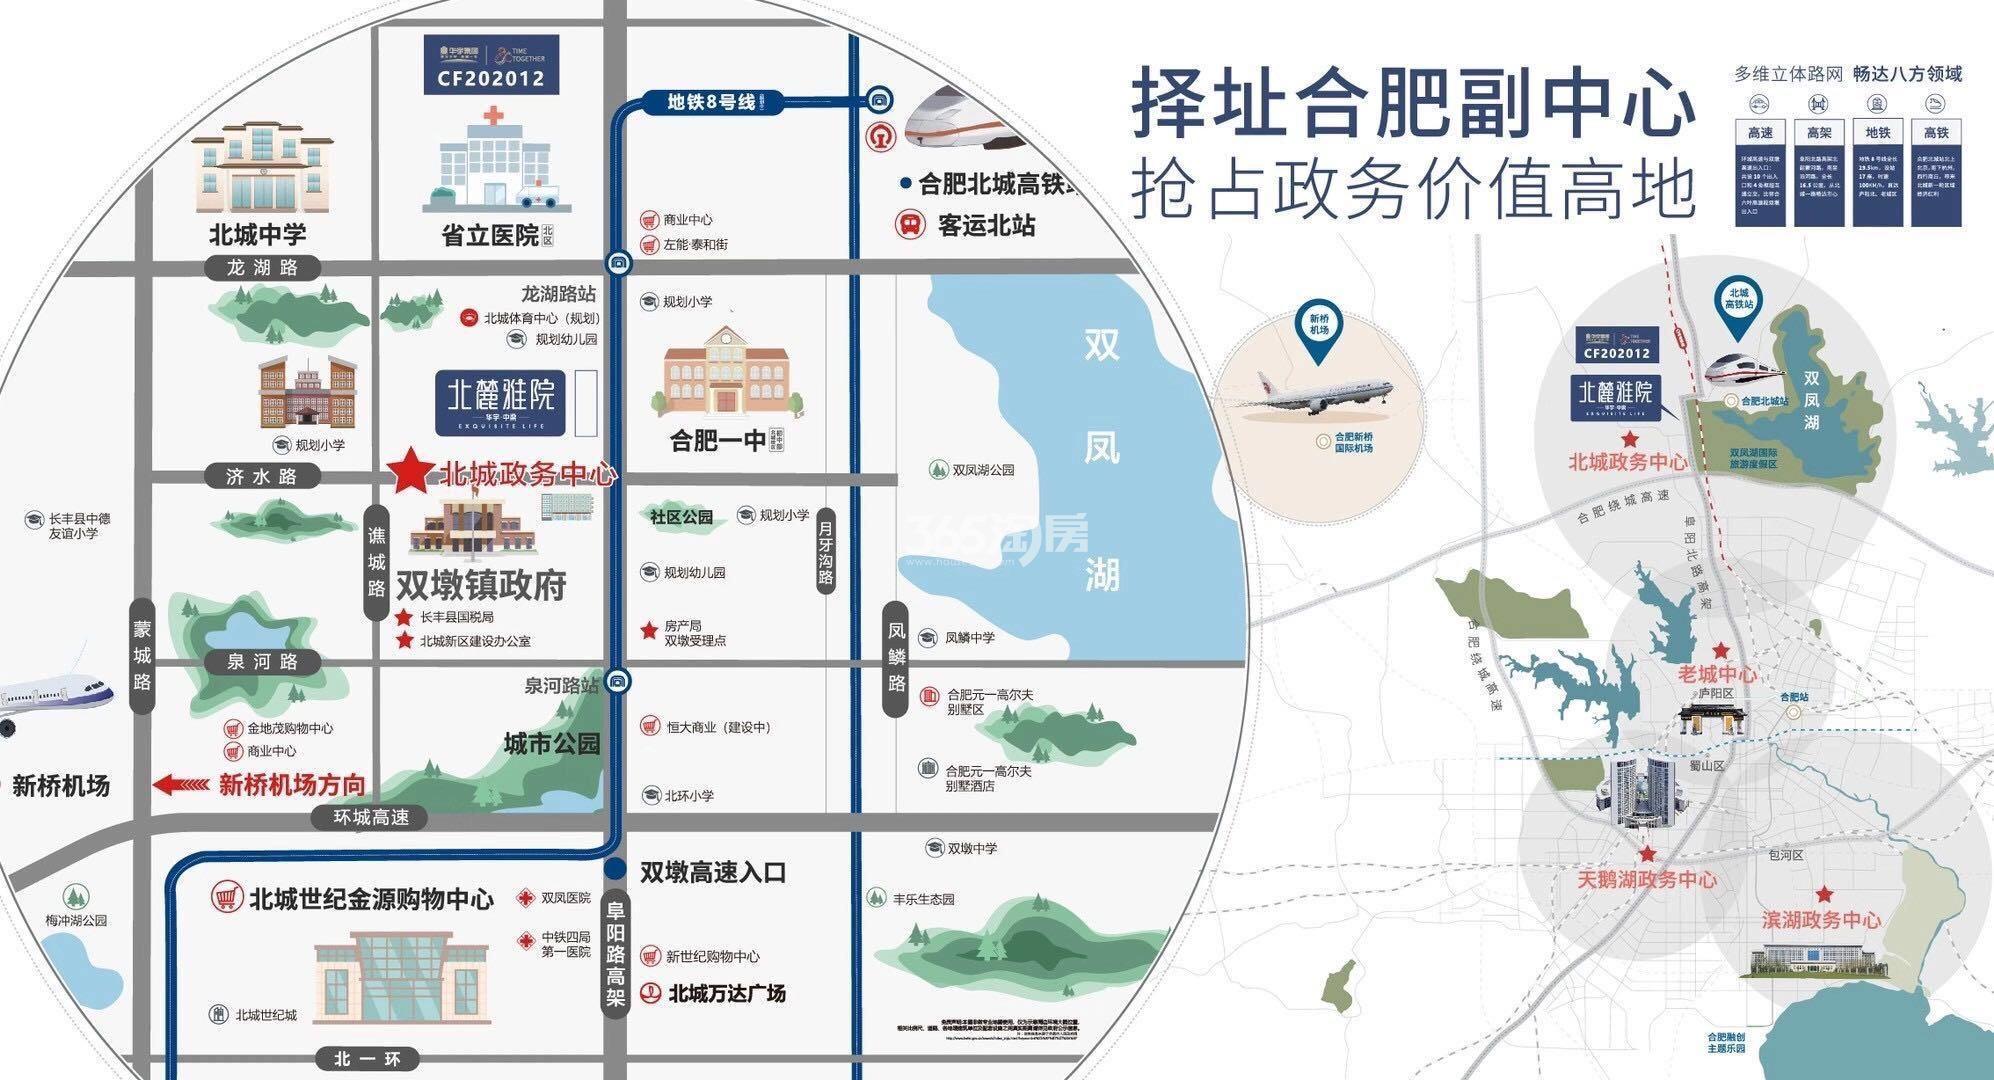 华宇中梁北麓雅院交通图